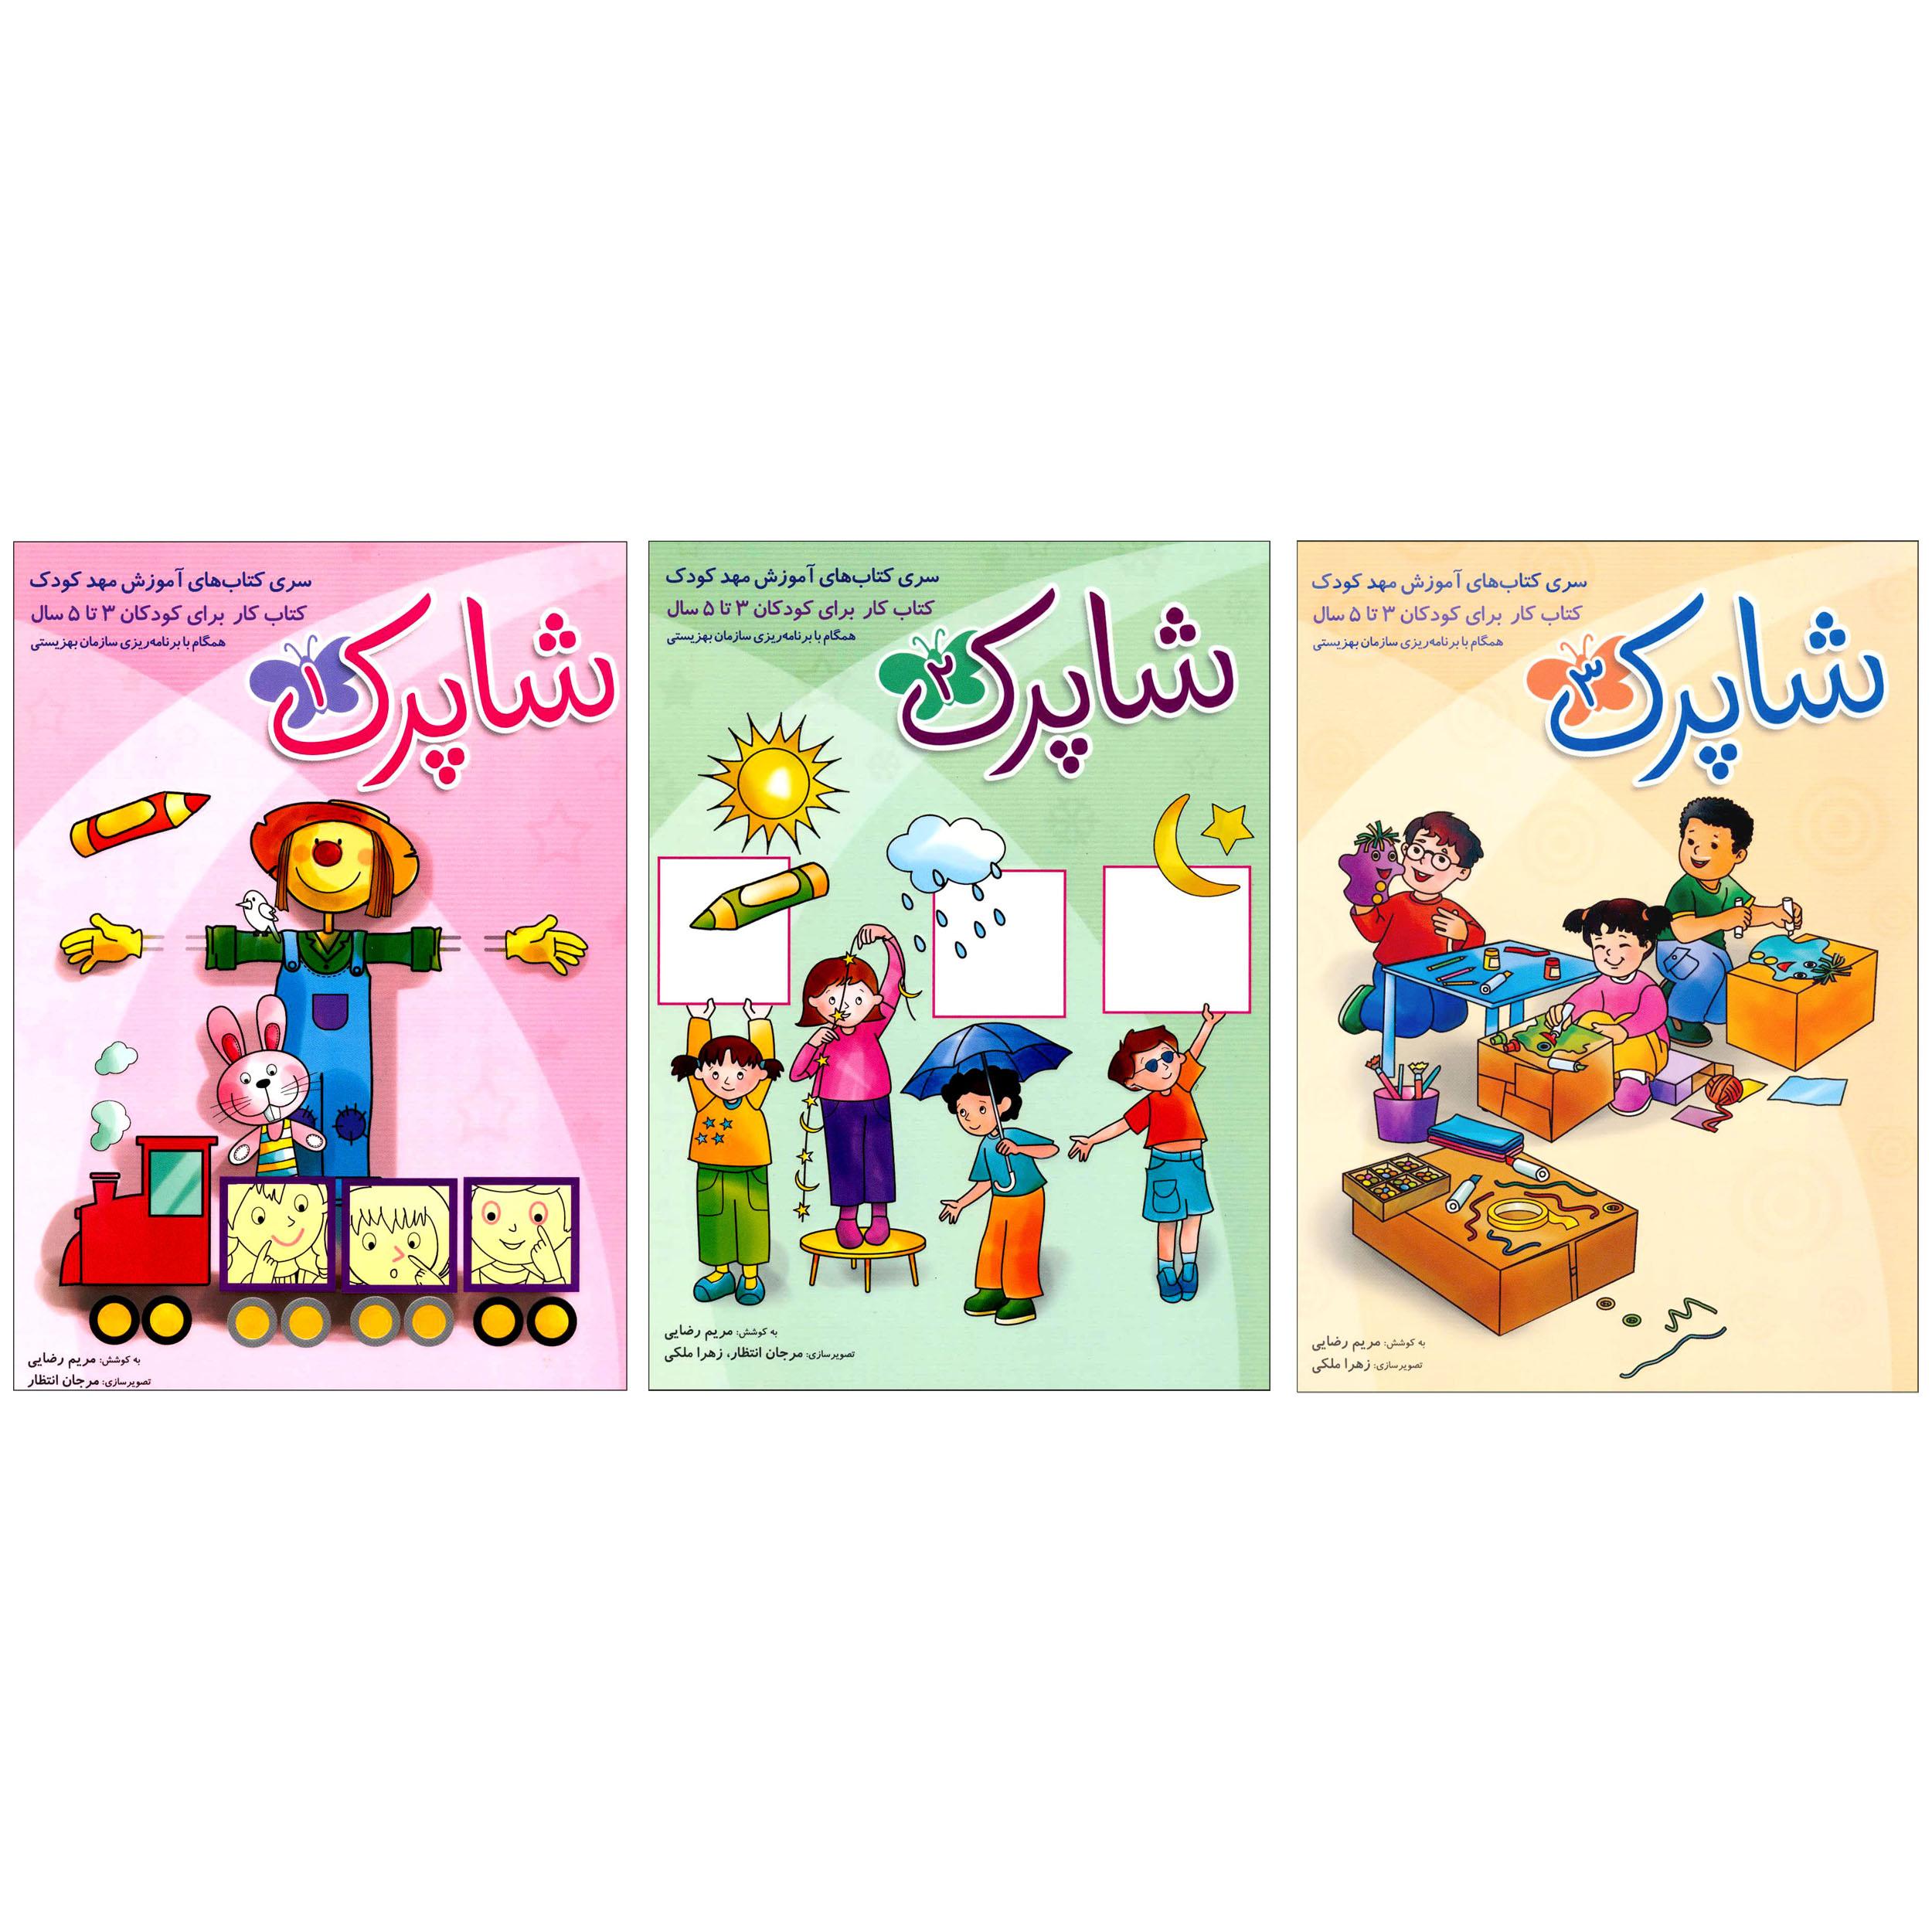 خرید                      کتاب شاپرک سری کتابهای آموزش مهد کودک اثر مریم رضایی انتشارات شباهنگ 3 جلدی